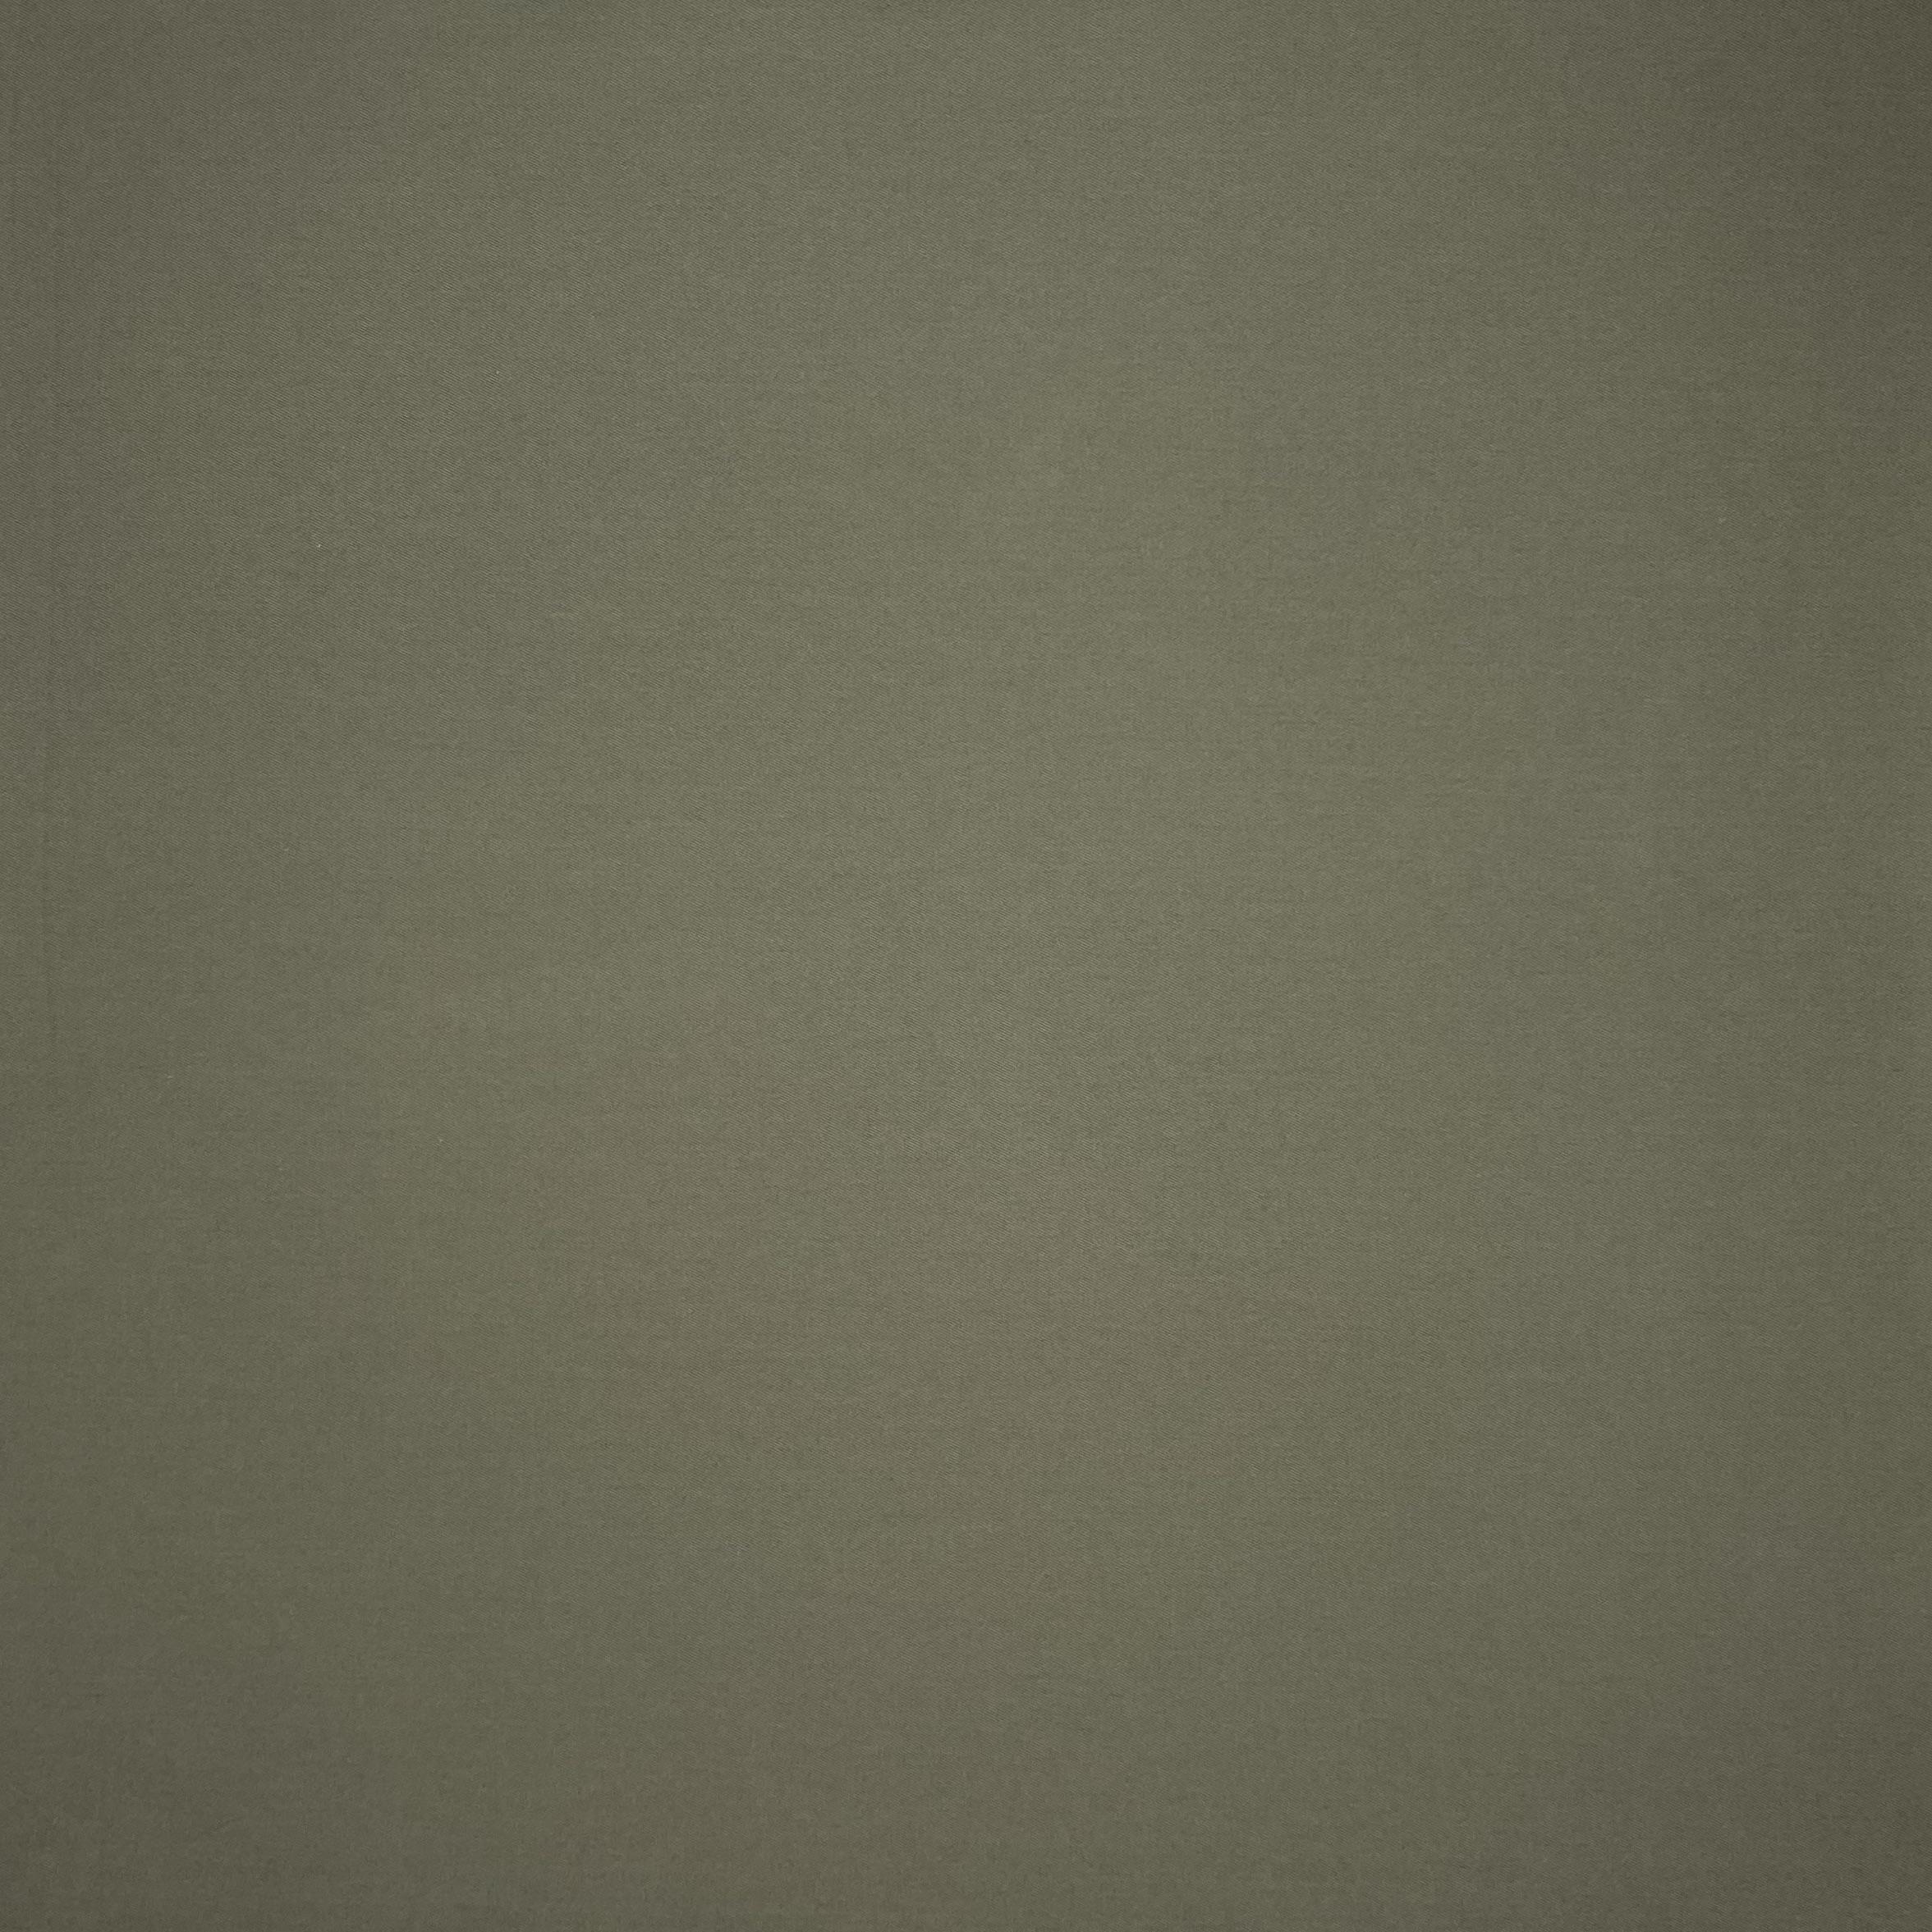 Cotton-Shakespear-Lovat-07